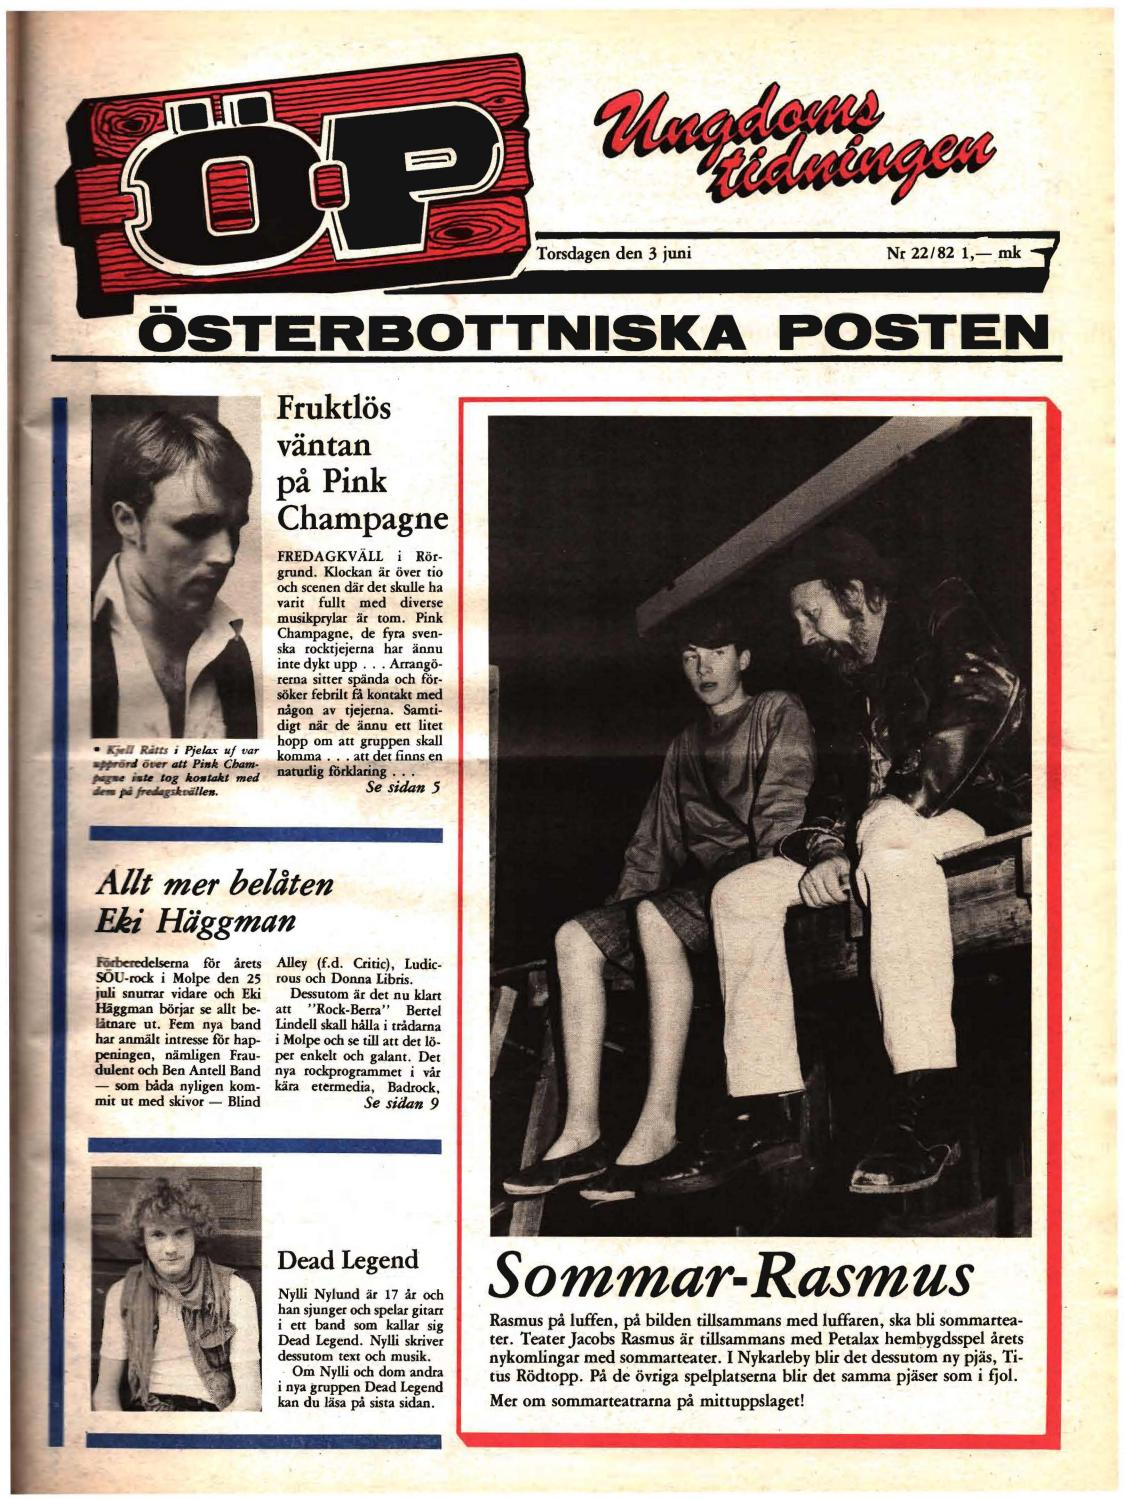 Österbottniska posten (Öp) nr. 21 1982 by Österbottniska posten ...